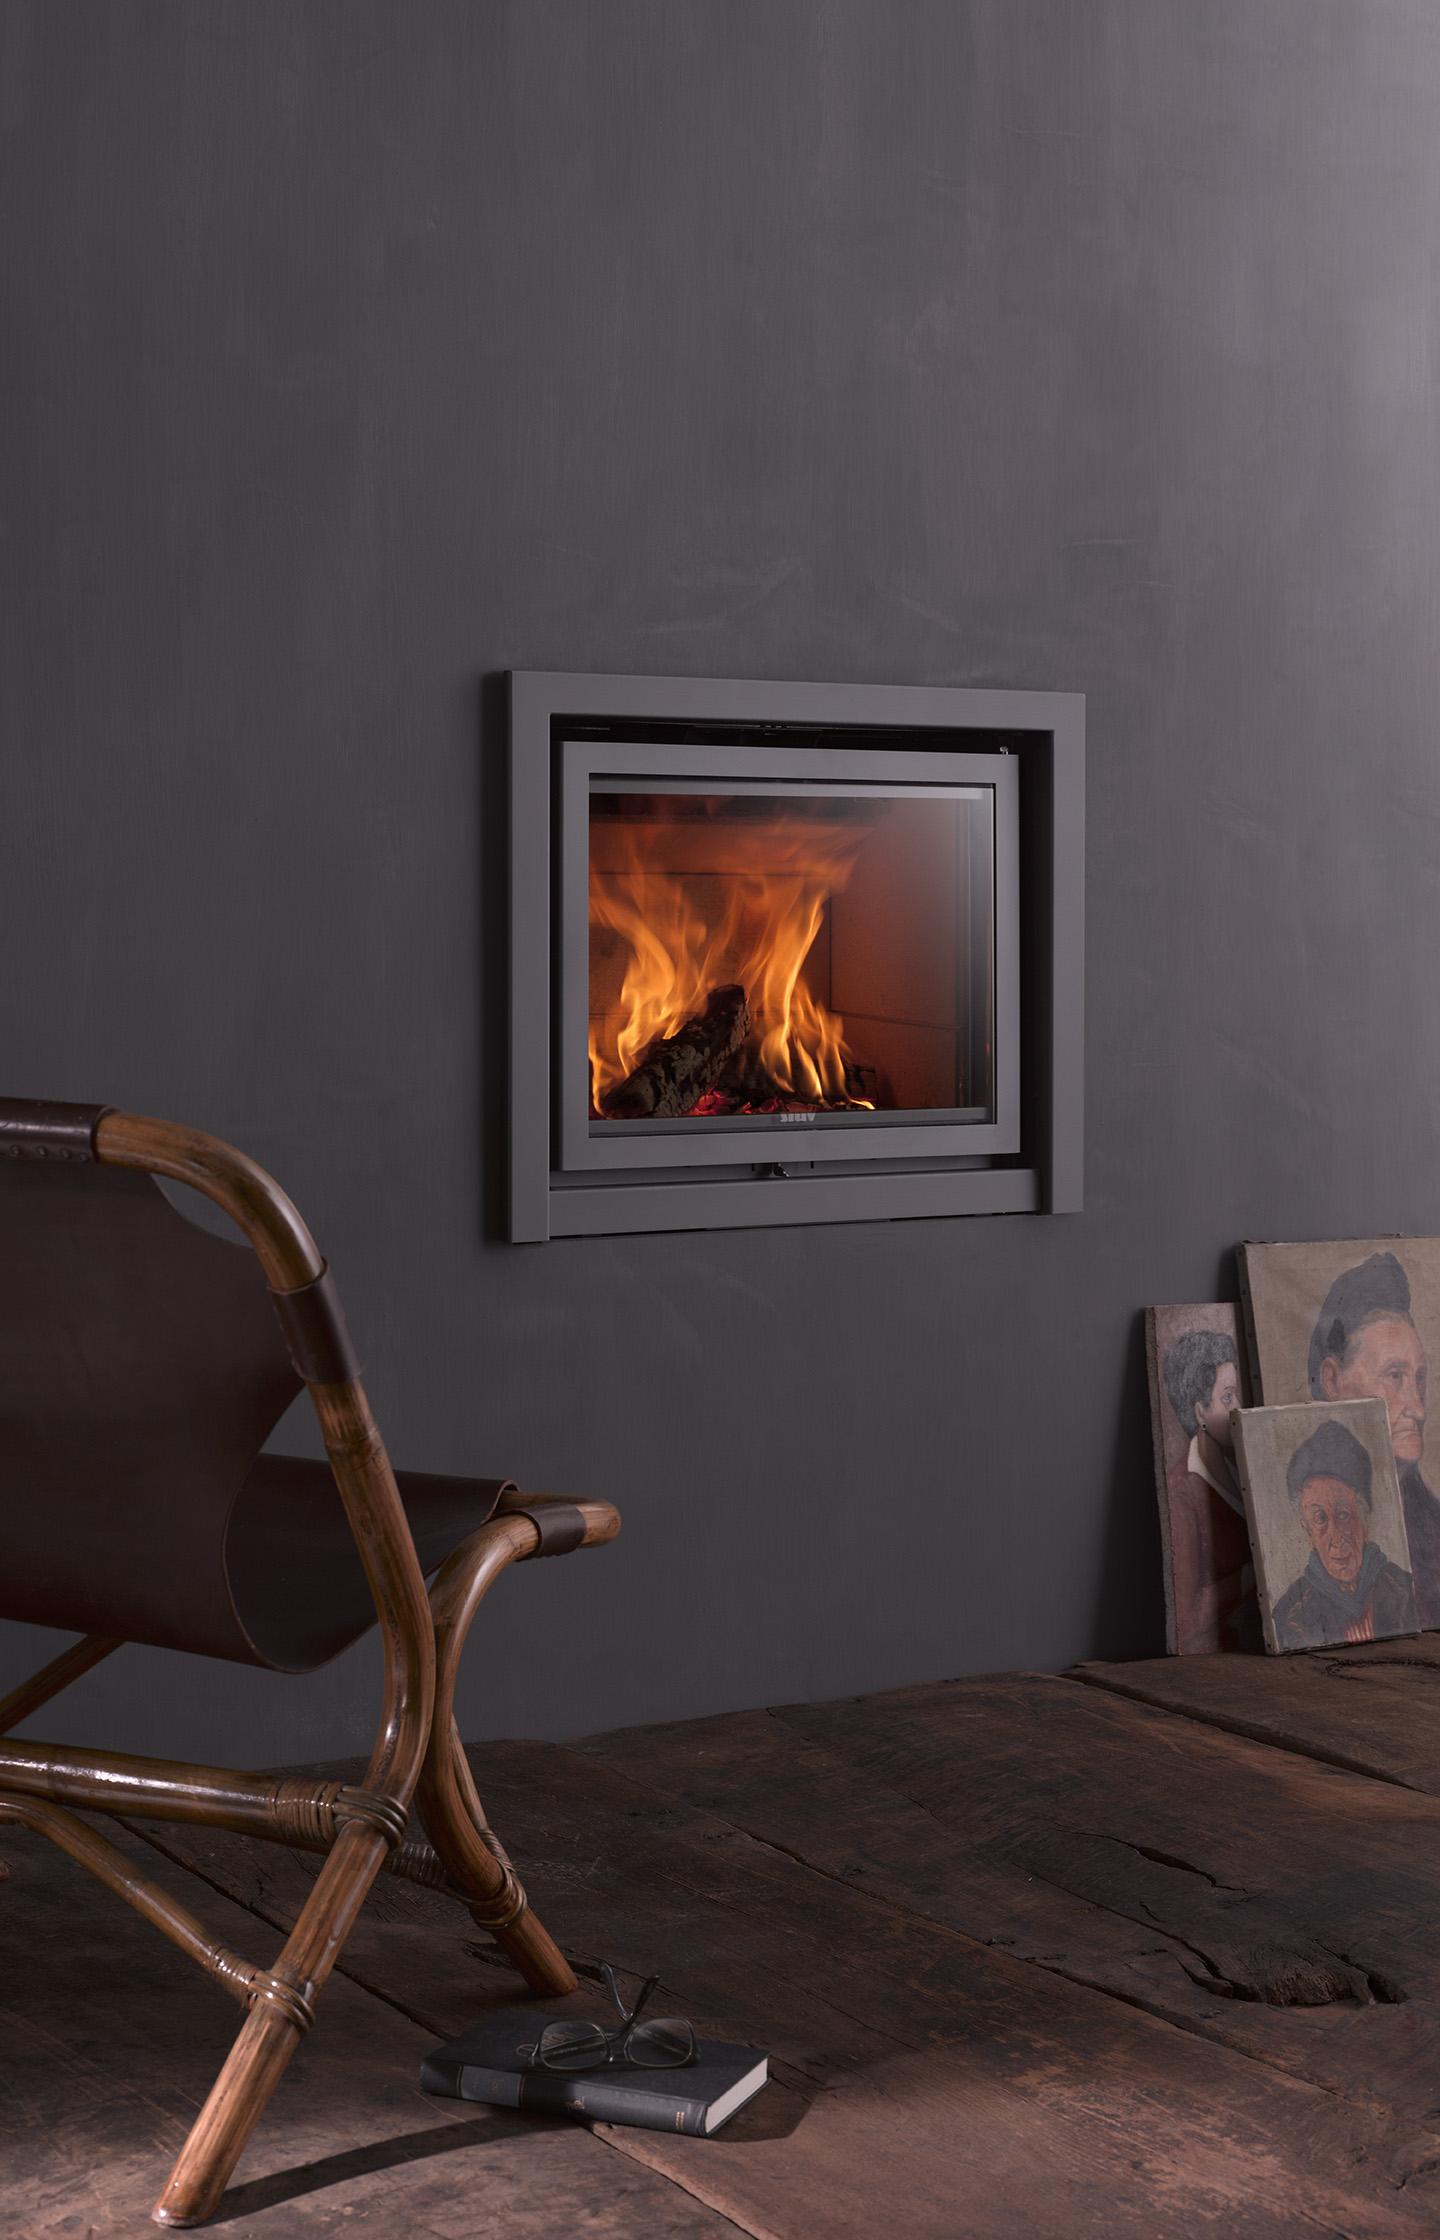 st v 16 in product in beeld startpagina voor haarden en kachels idee n uw. Black Bedroom Furniture Sets. Home Design Ideas